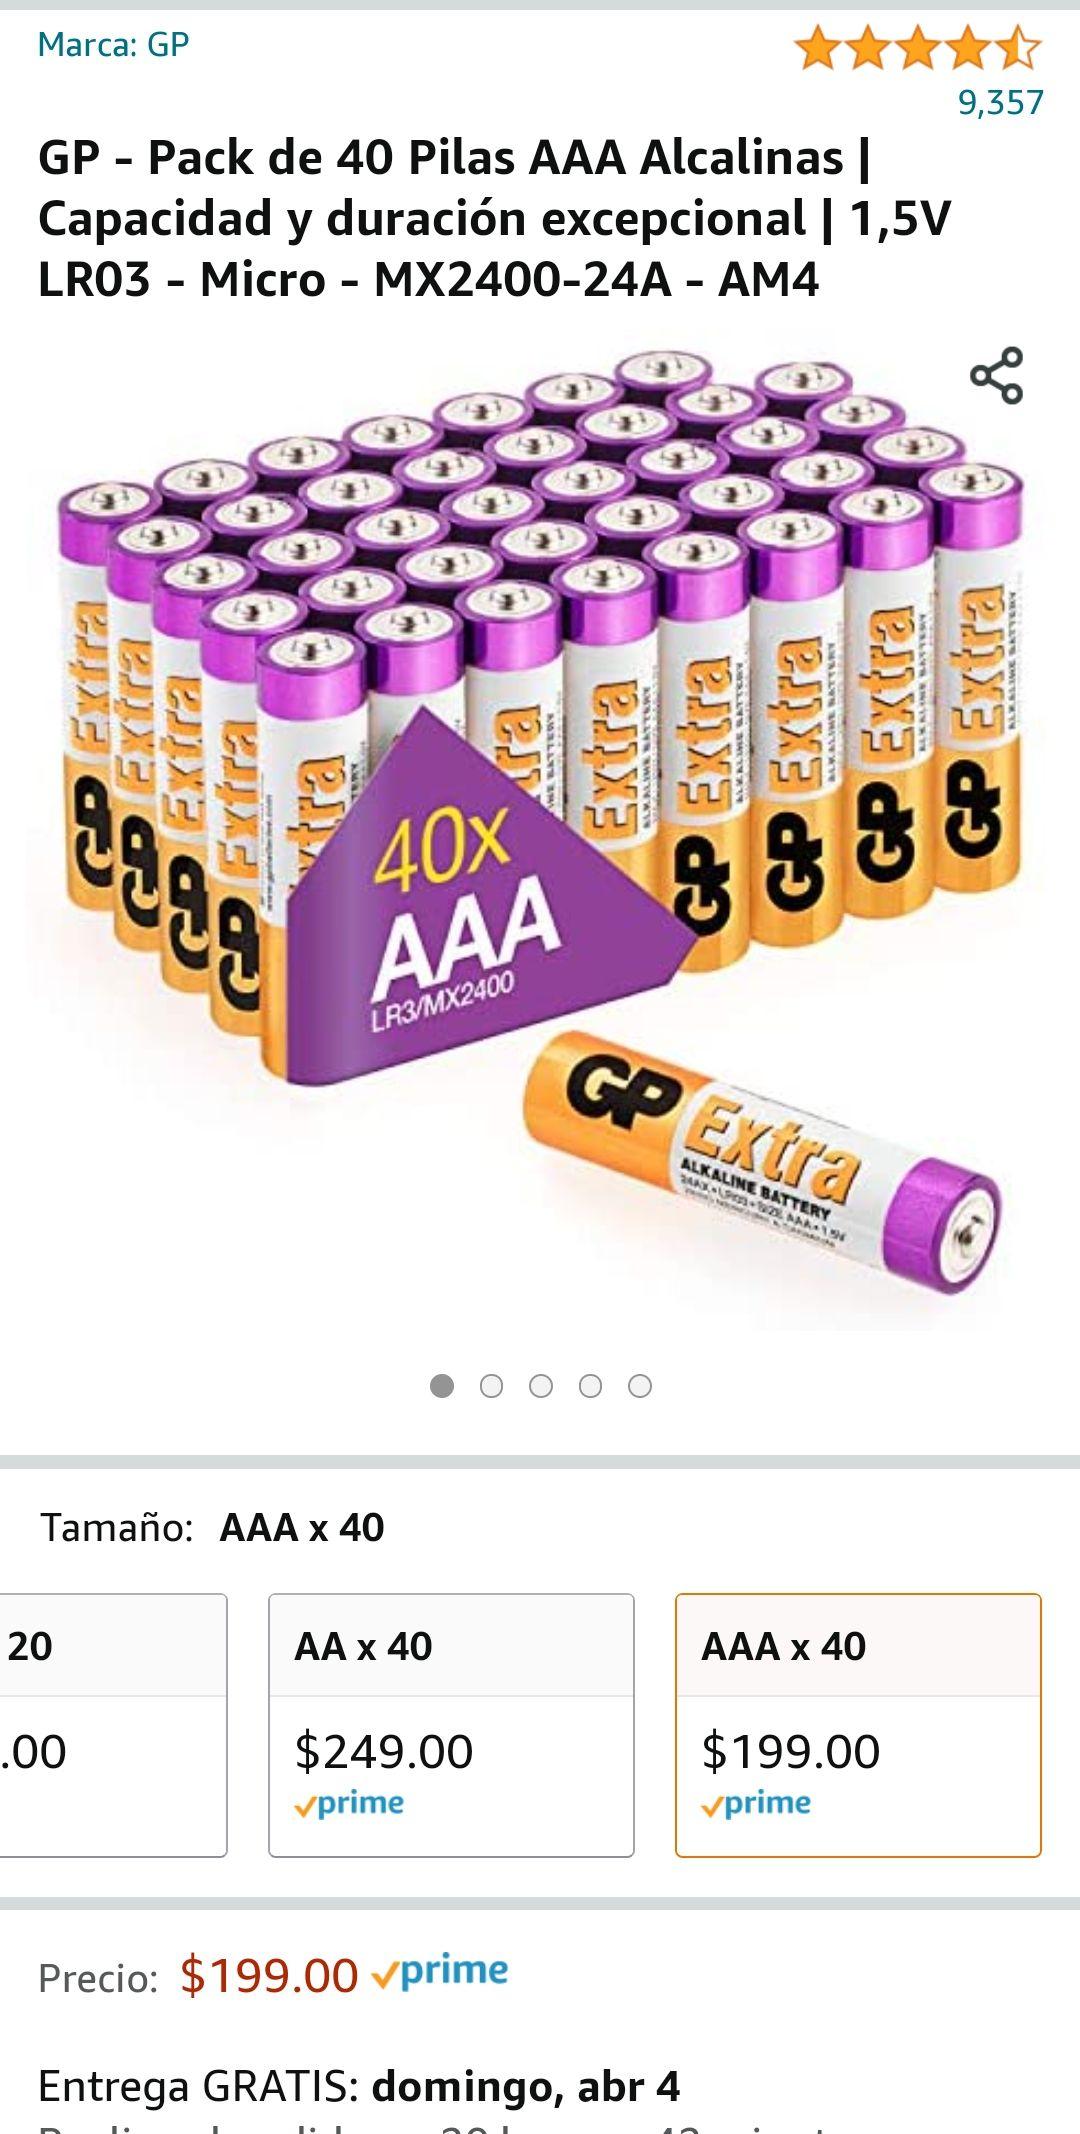 Amazon, GP - Pack de 40 Pilas AAA Alcalinas | Capacidad y duración excepcional | 1,5V LR03 - Micro - MX2400-24A - AM4